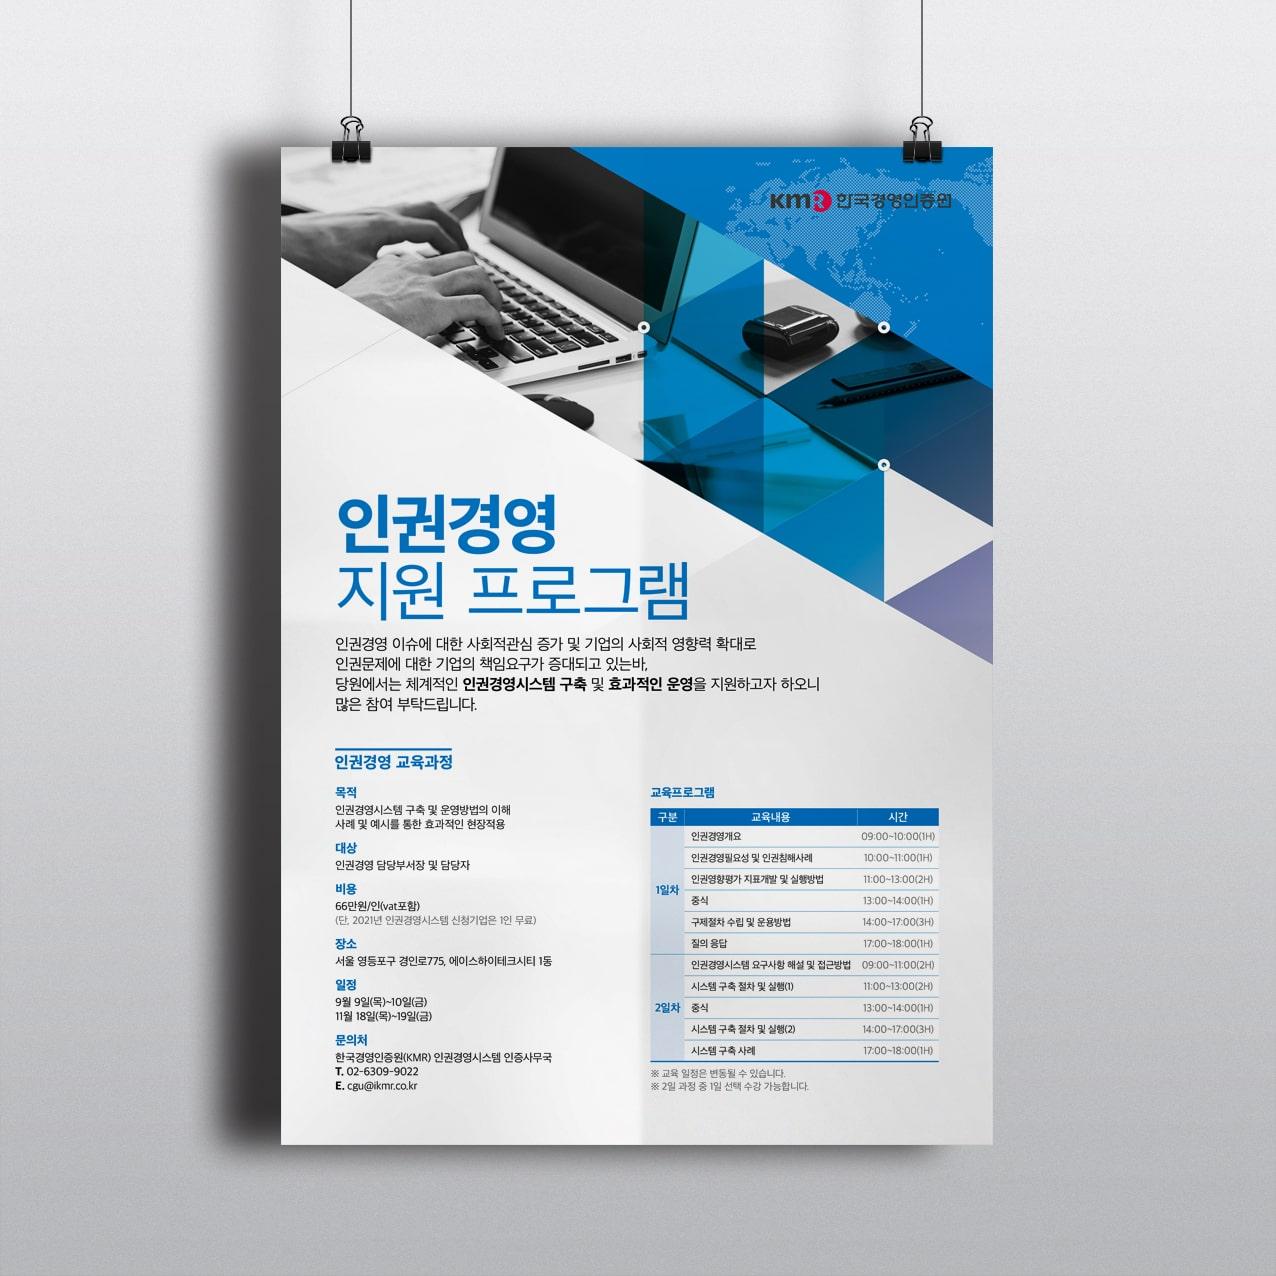 인권경영지원프로그램 - 한국경영인증원